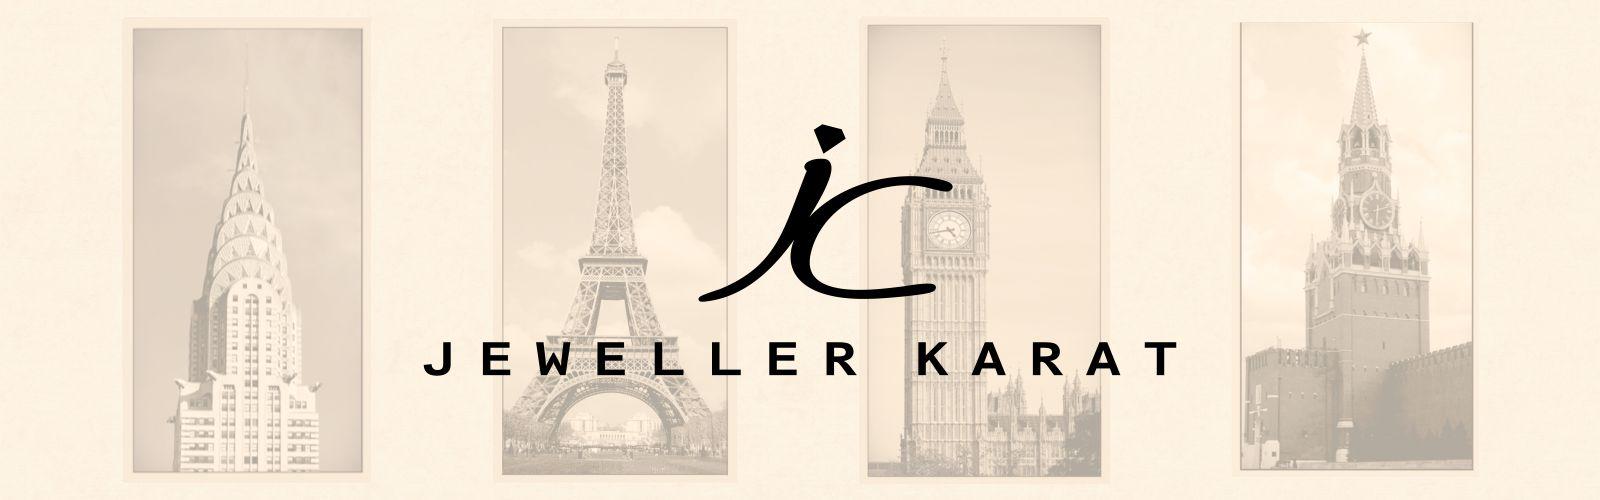 «Ювелир Карат» - это сеть фирменных салонов ведущего ювелирного завода в  Санкт-Петербурге. Мы производим и продаем изысканные, стильные украшения  более 18 ... 9adedcc248e